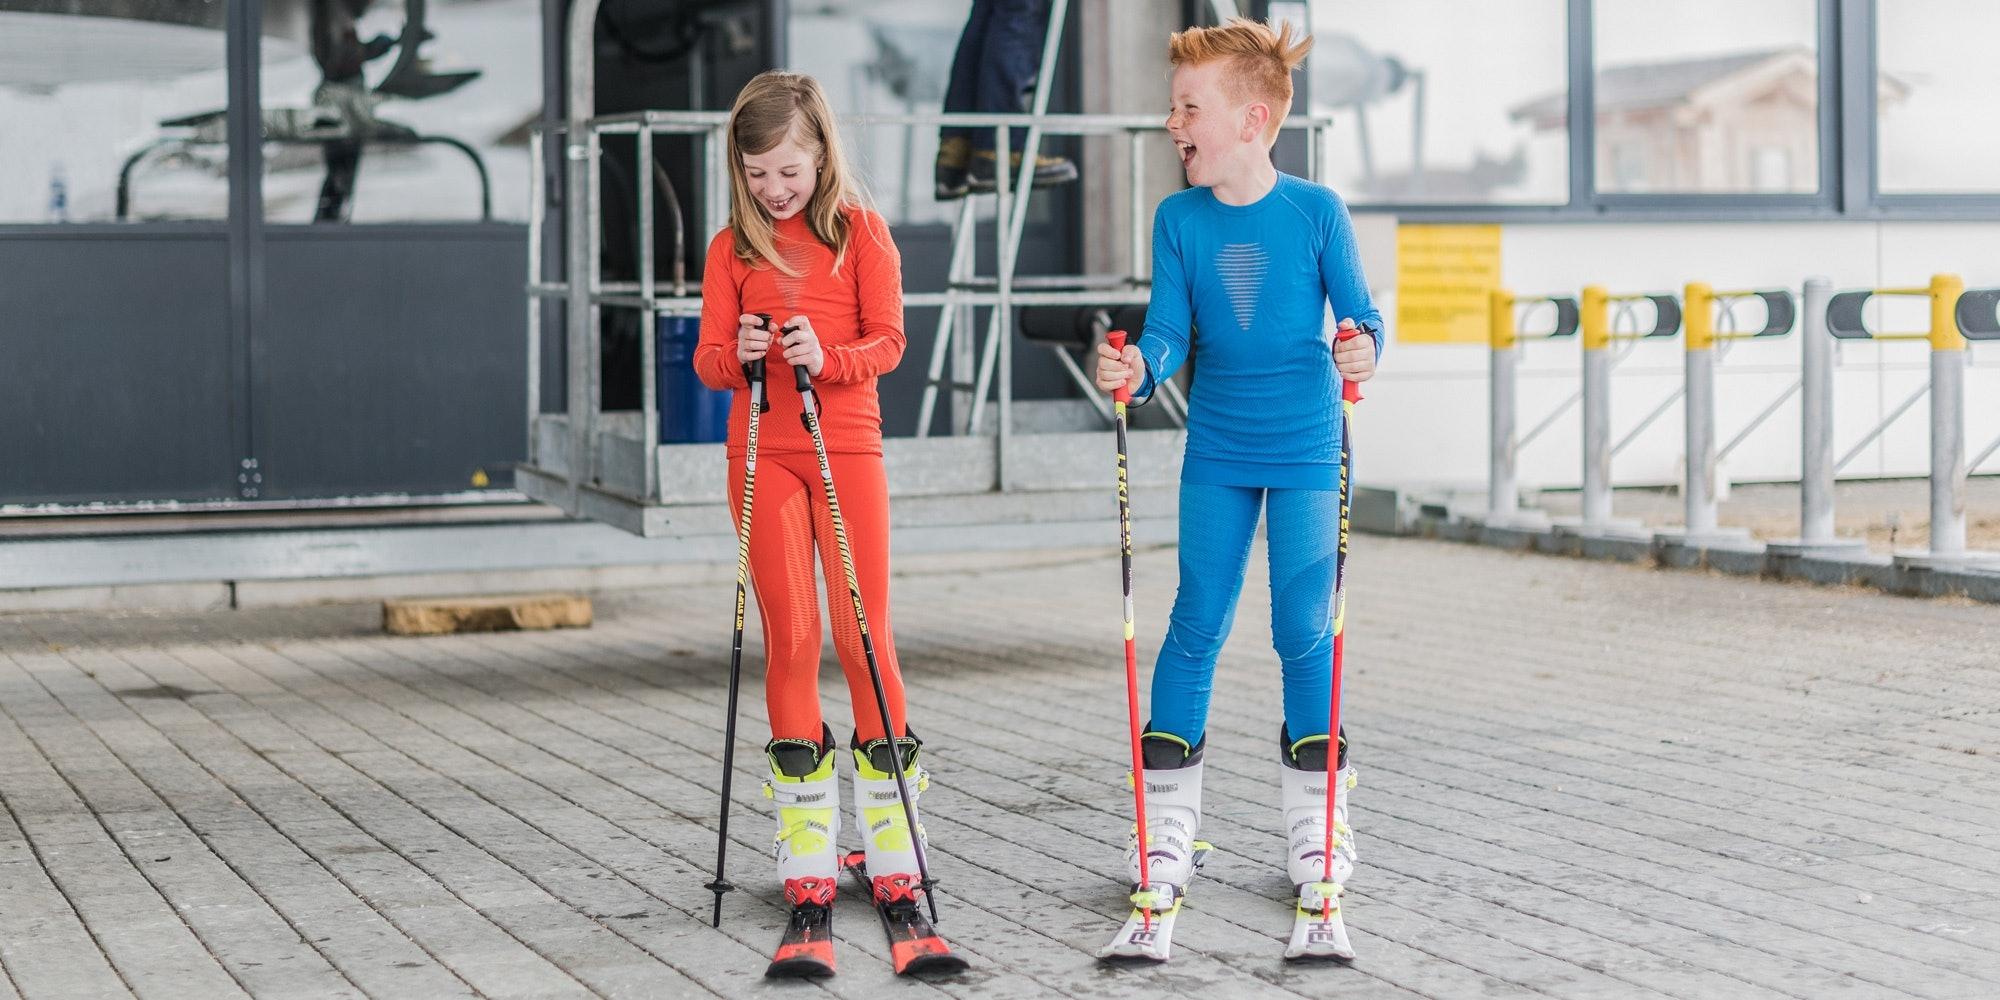 uyn skiunterwäsche kinder